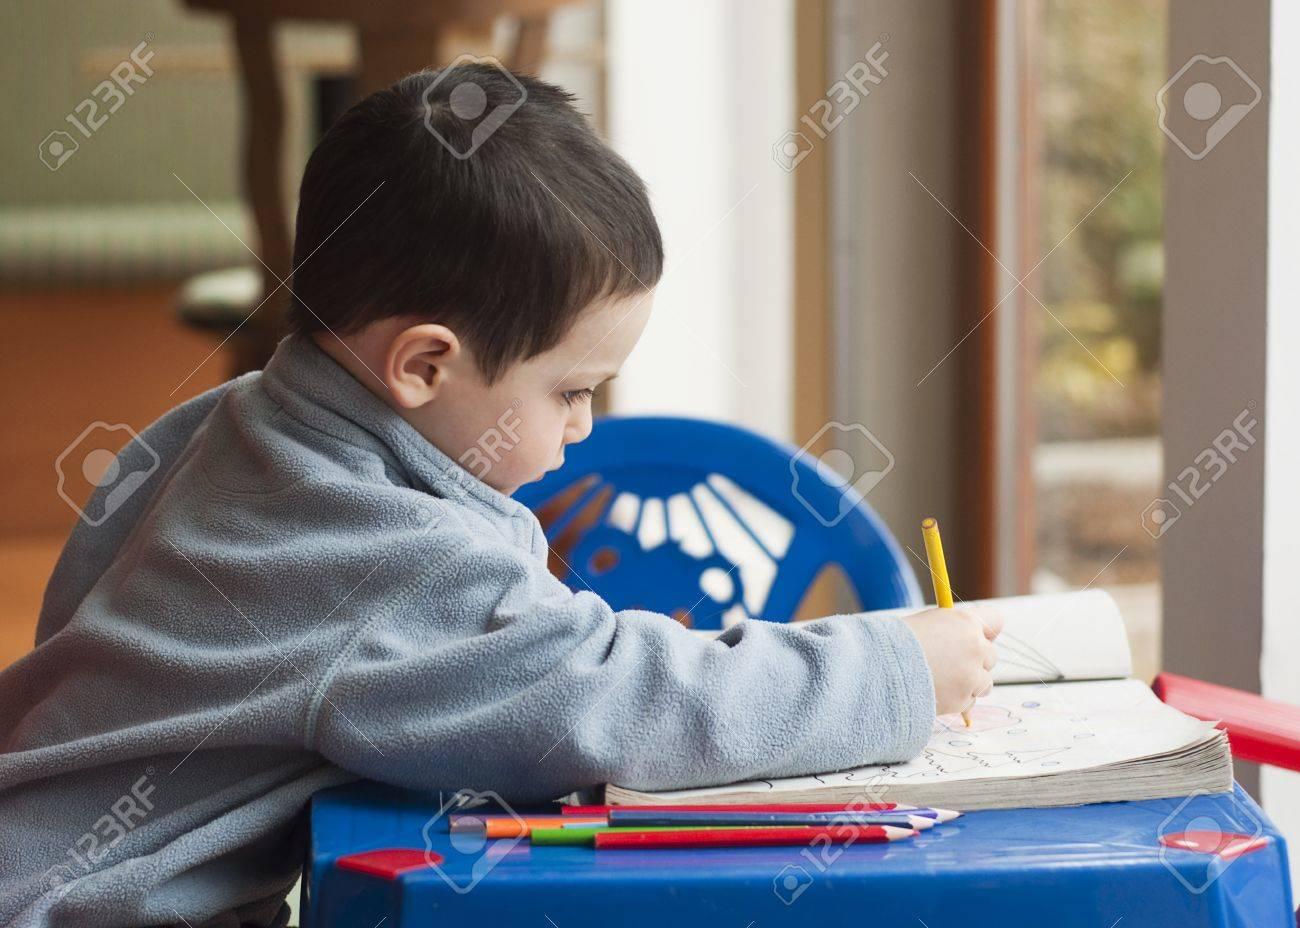 Et Profil De D'un Petit Des Dessin Coloriage Enfant Portrait Avec OP8wn0k